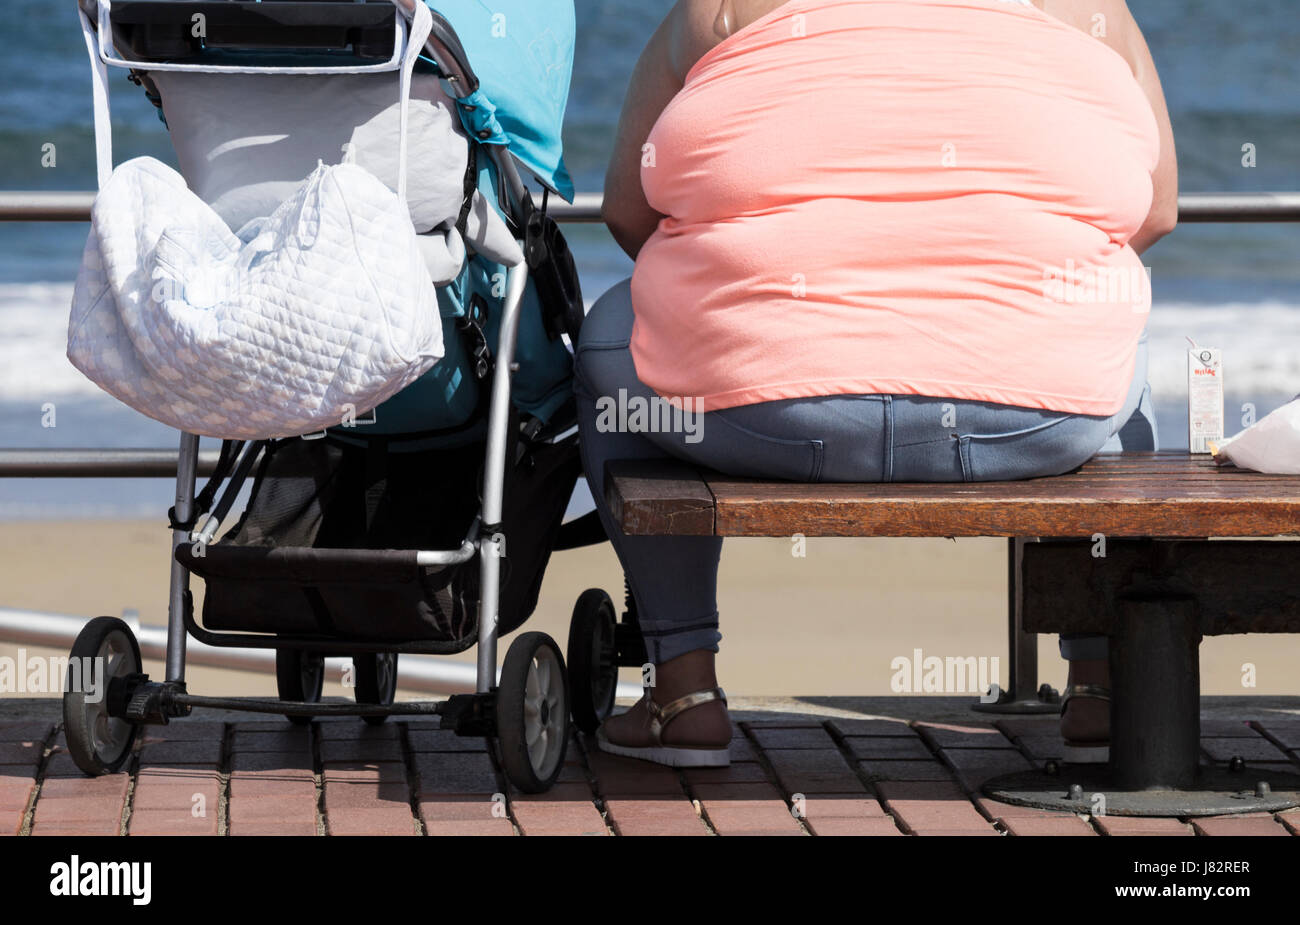 Obesa mujer sentada en un banco con vistas al mar. Imagen De Stock